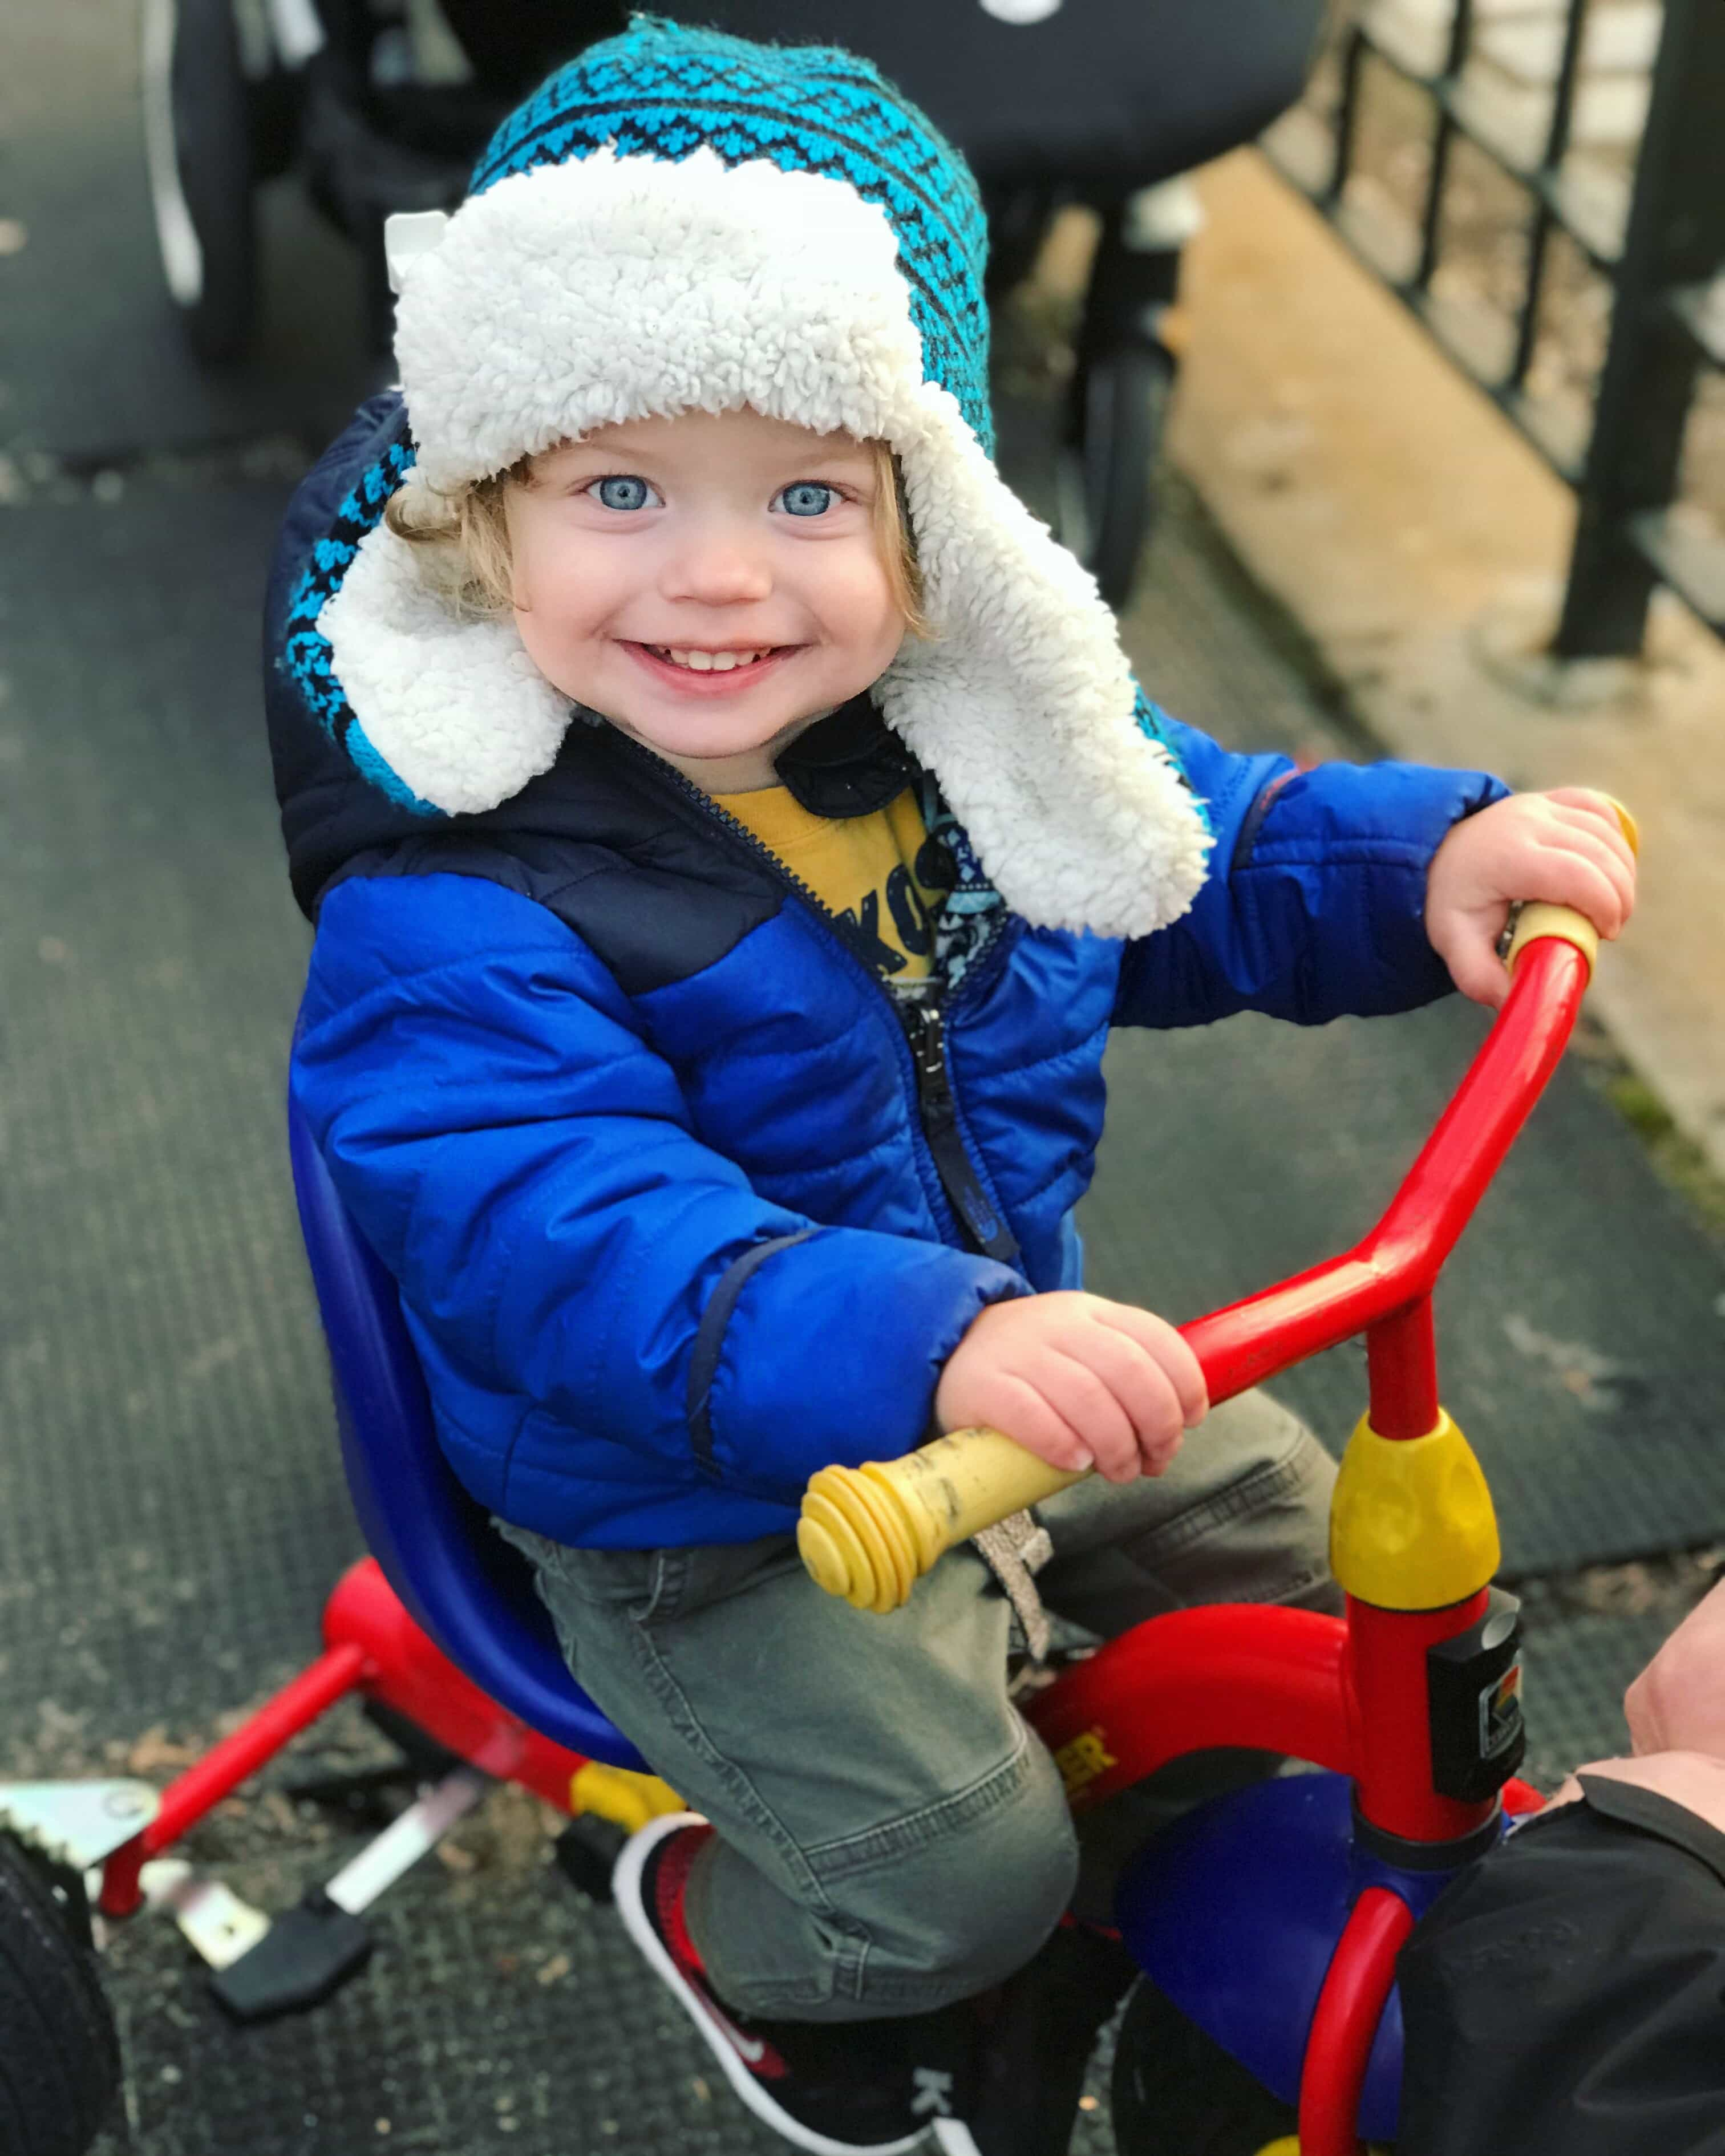 Eddie on a bike